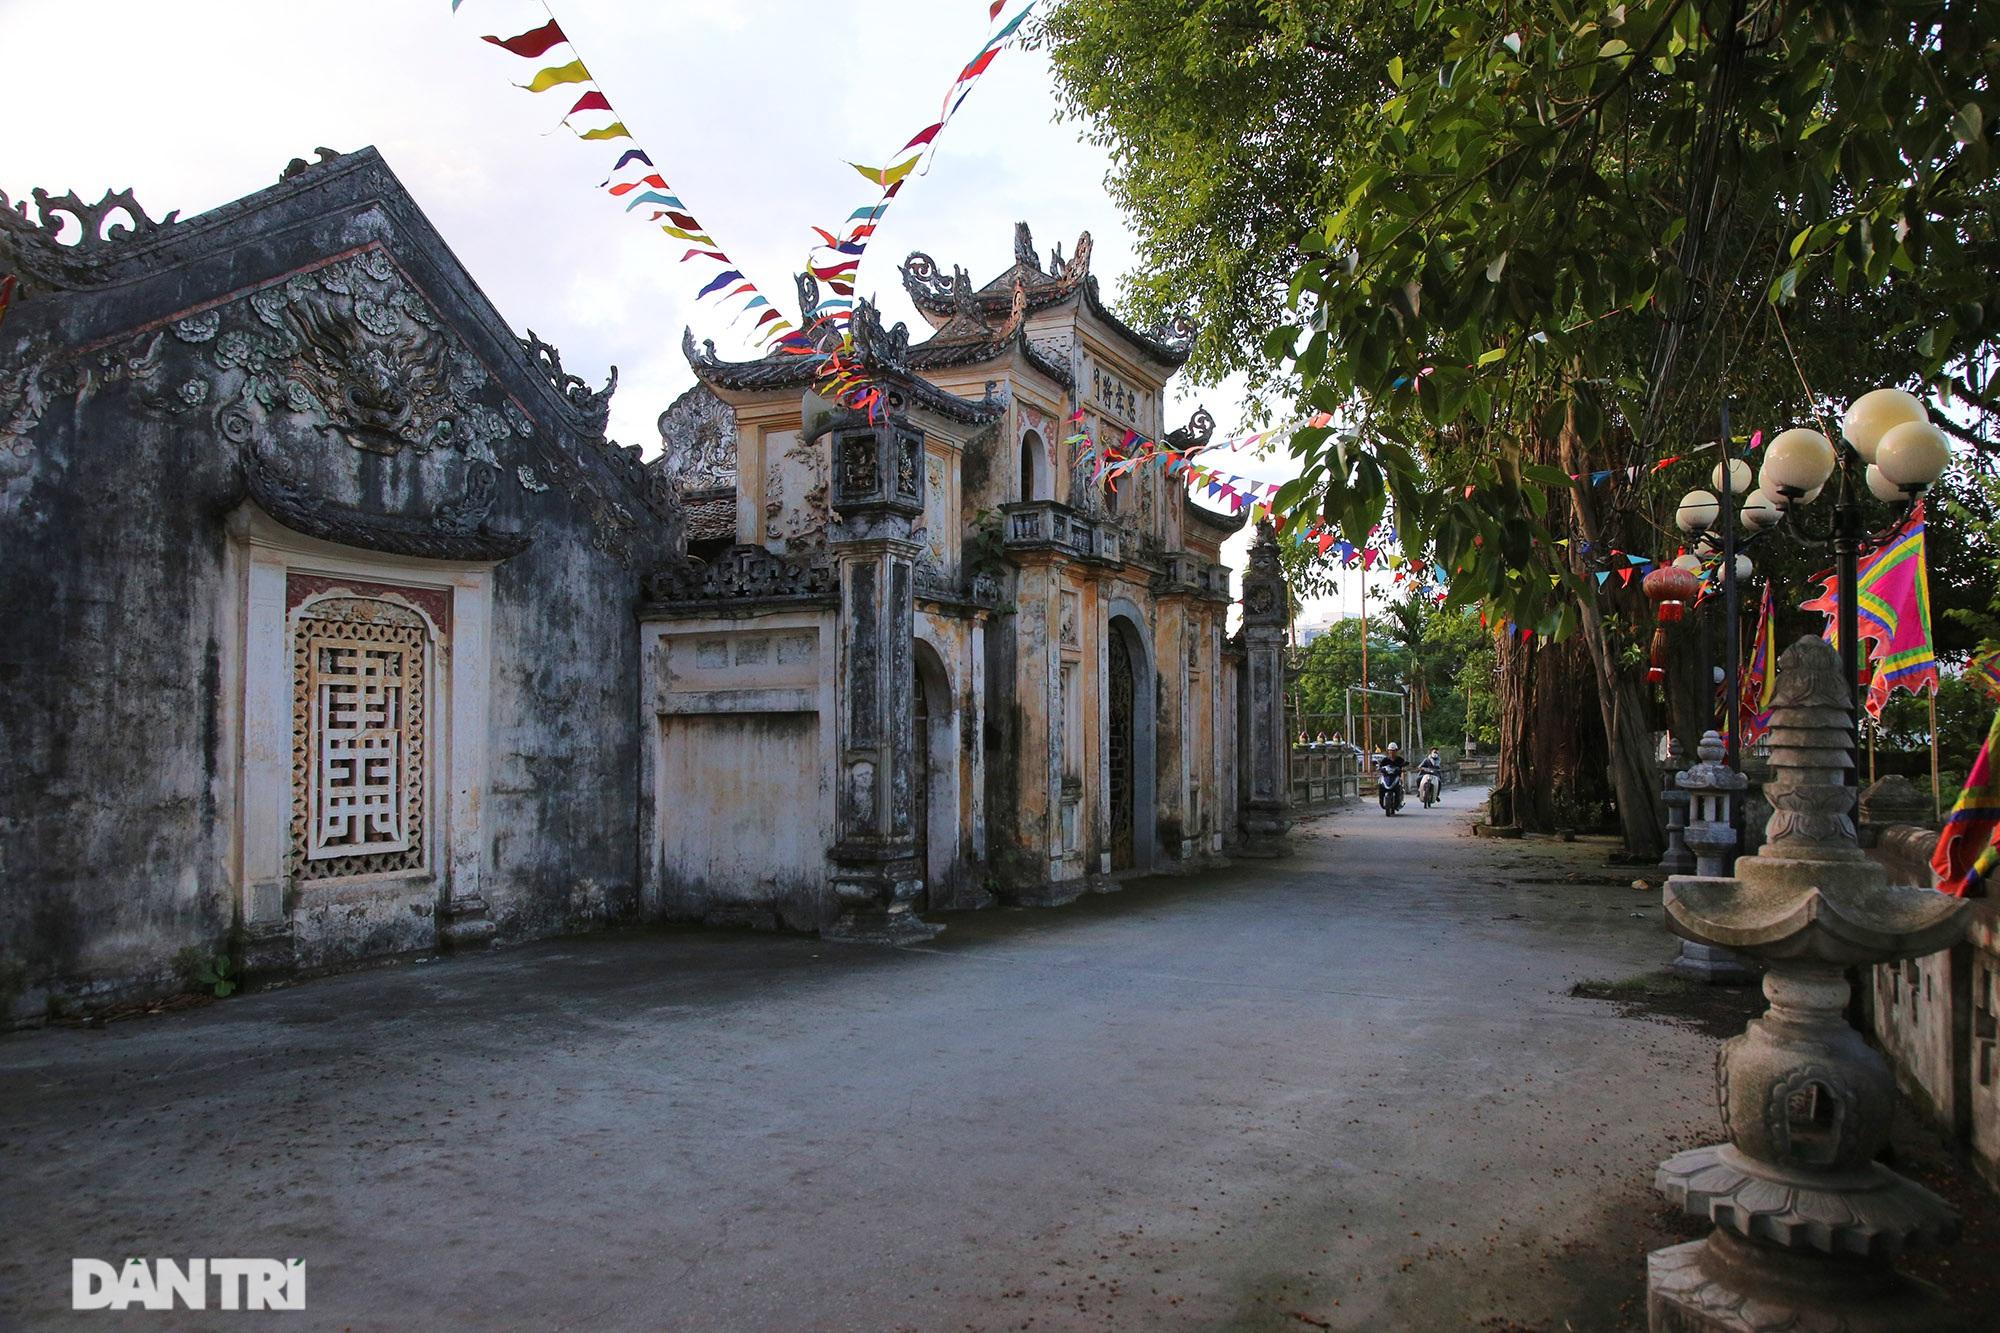 Làng cổ nghìn năm tuổi nổi tiếng giàu có nay là của hiếm ở Hà Nội - 6